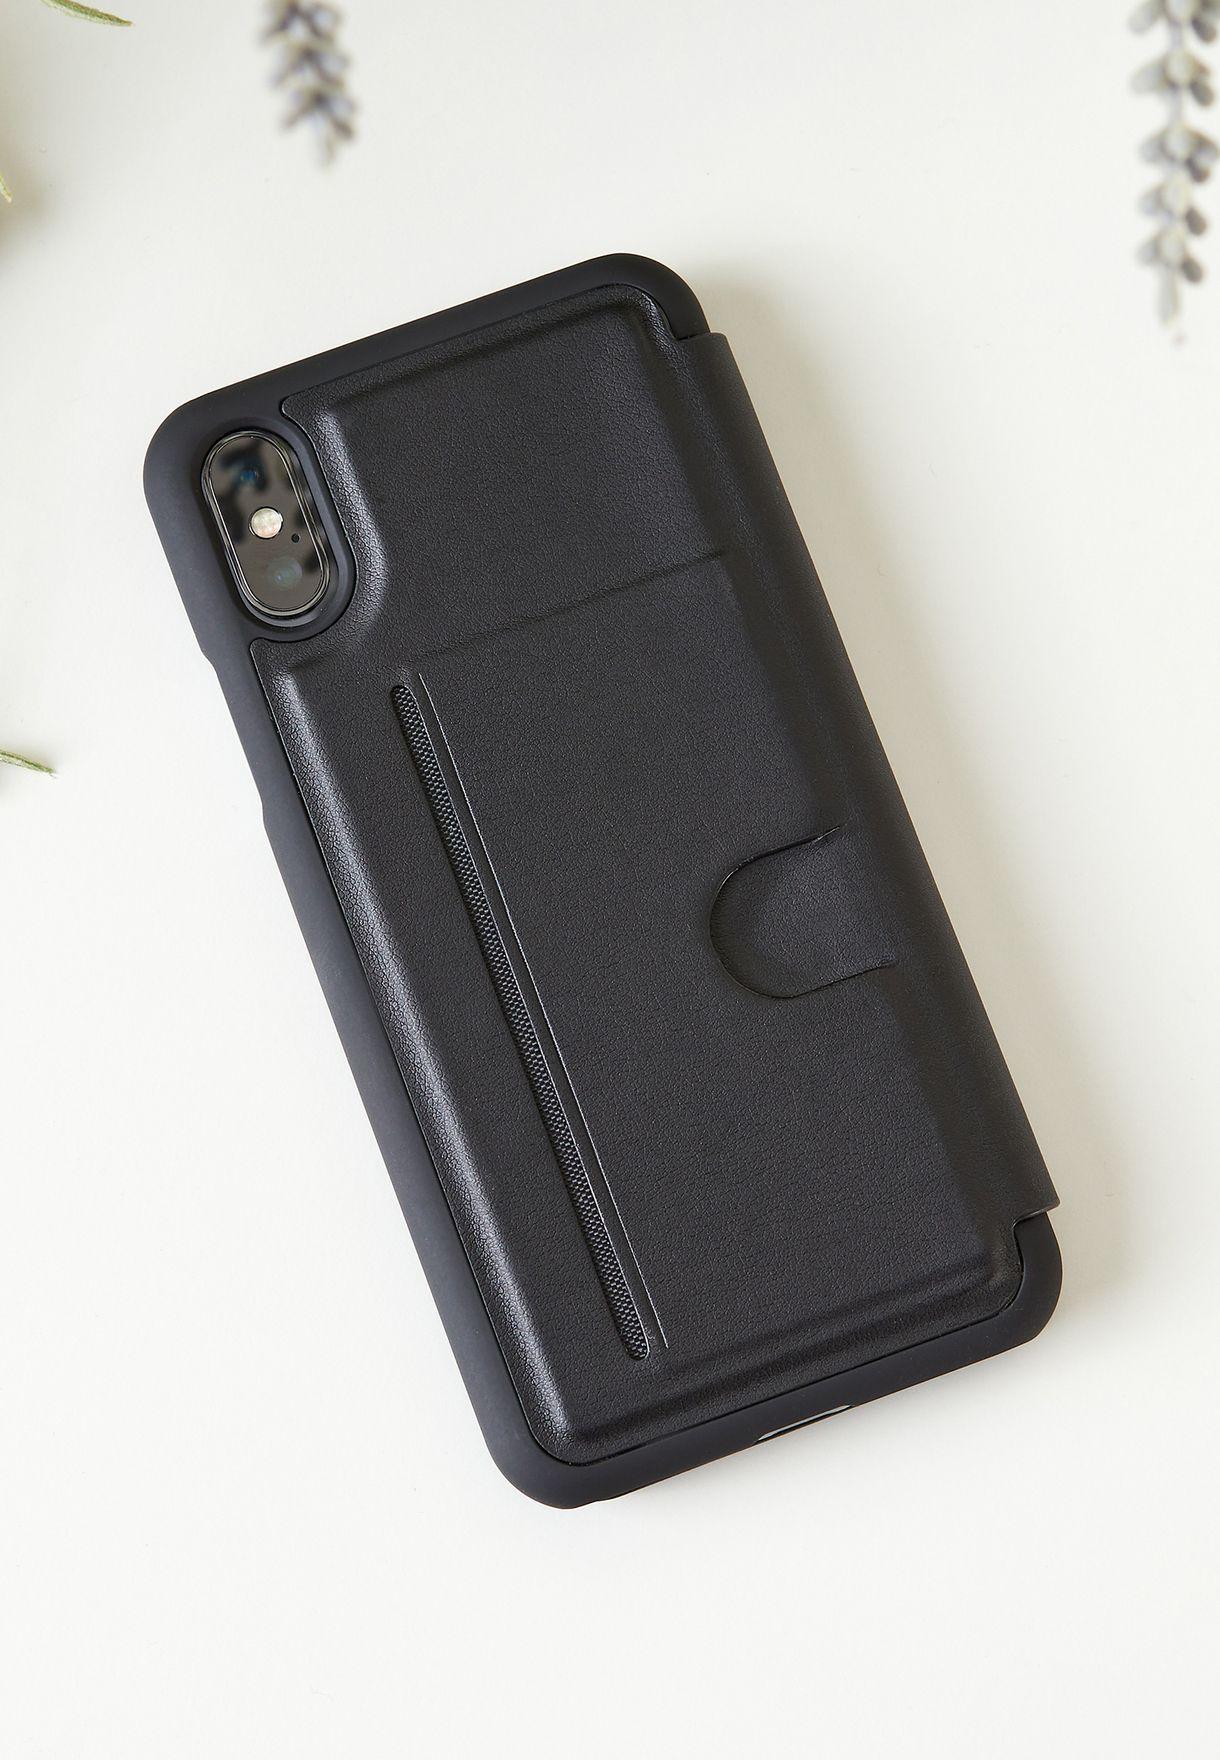 iPhone XS / X, XS Max Folio Case